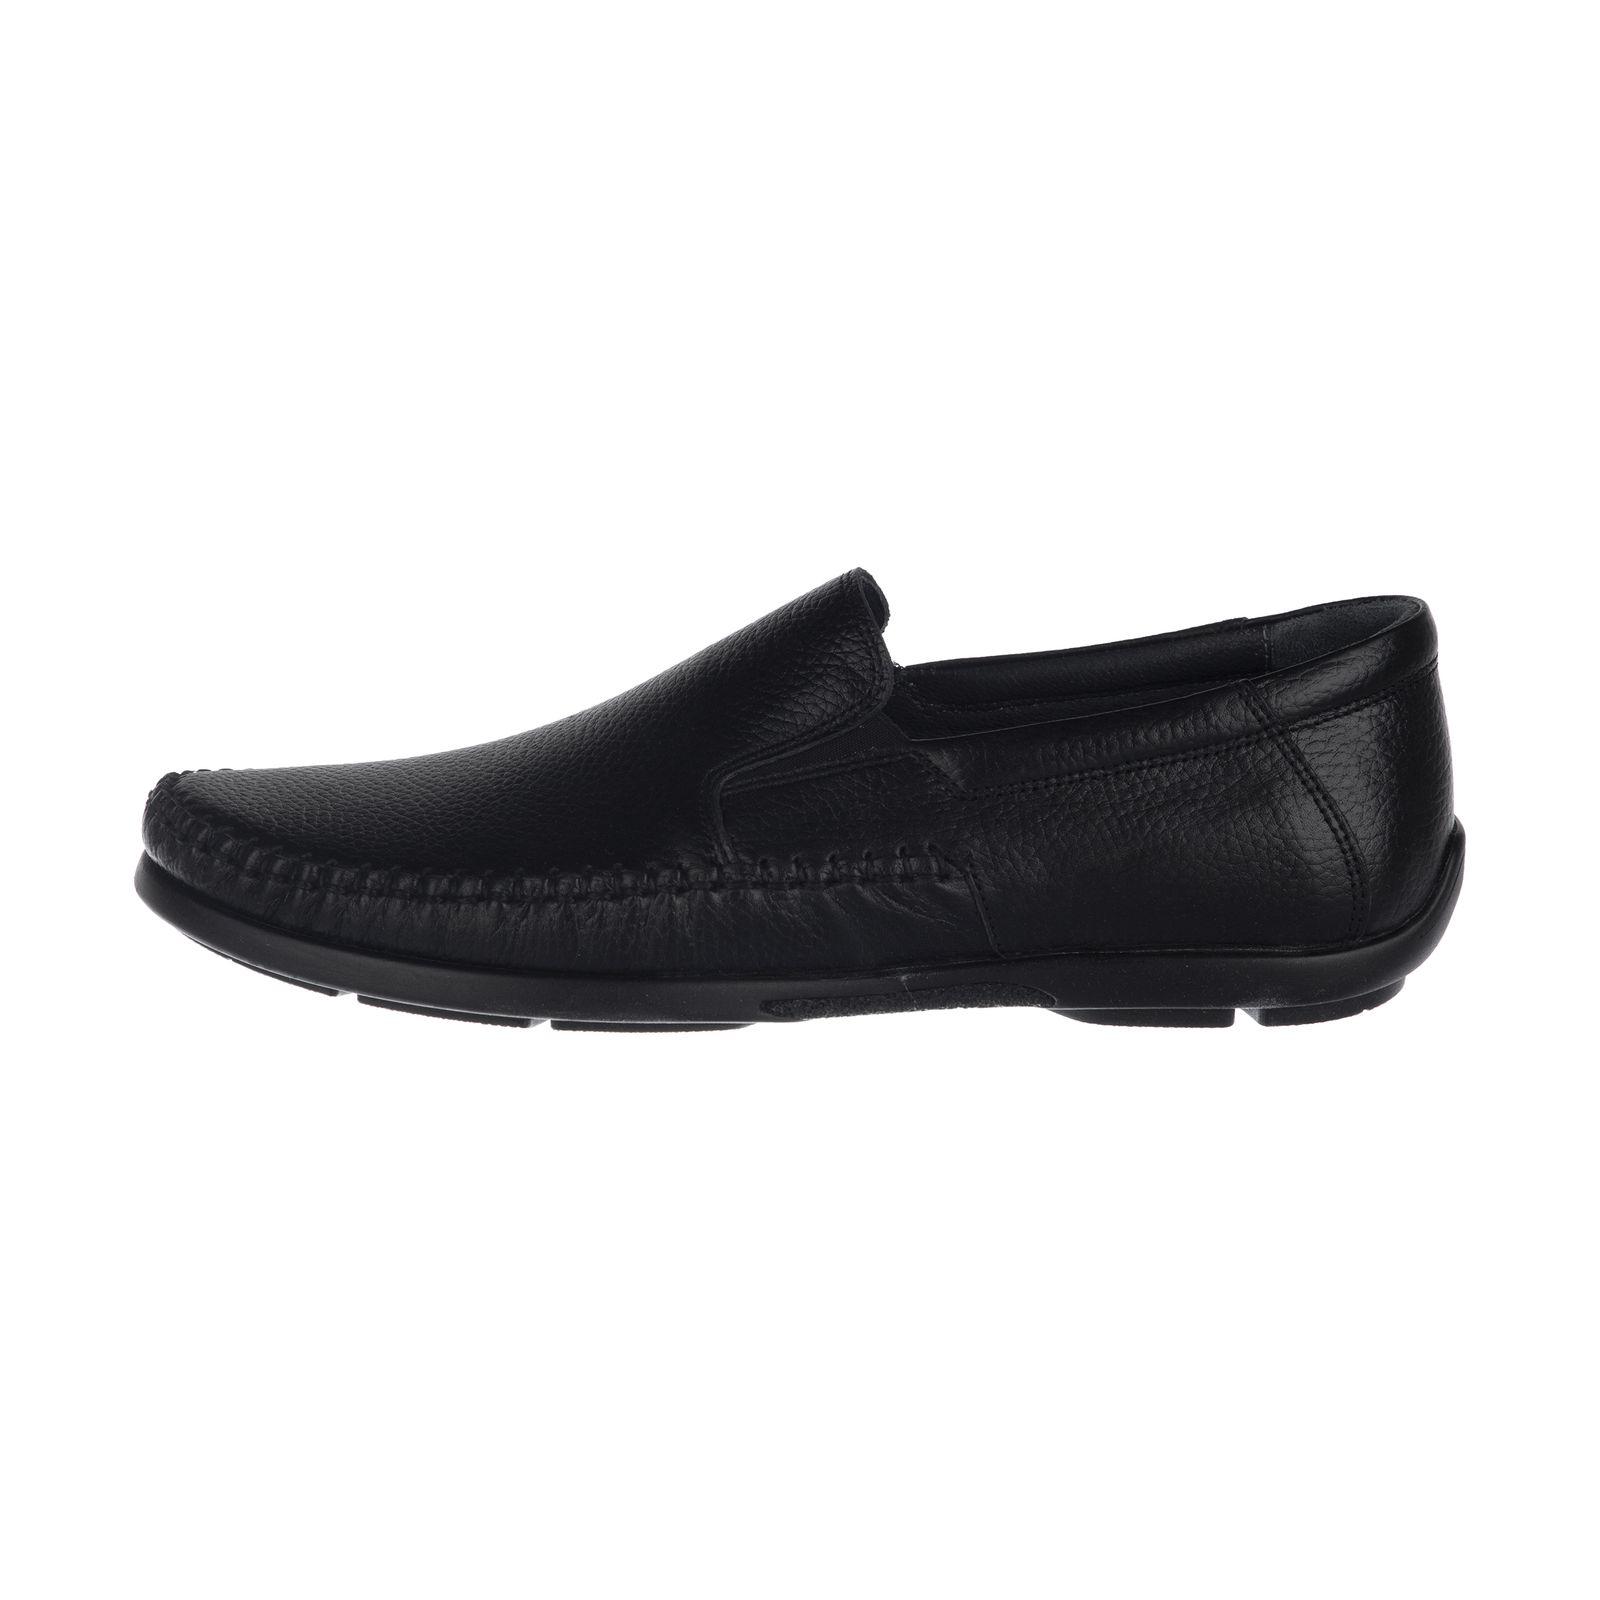 کفش روزمره مردانه ریمکس مدل 7333B503101 -  - 2